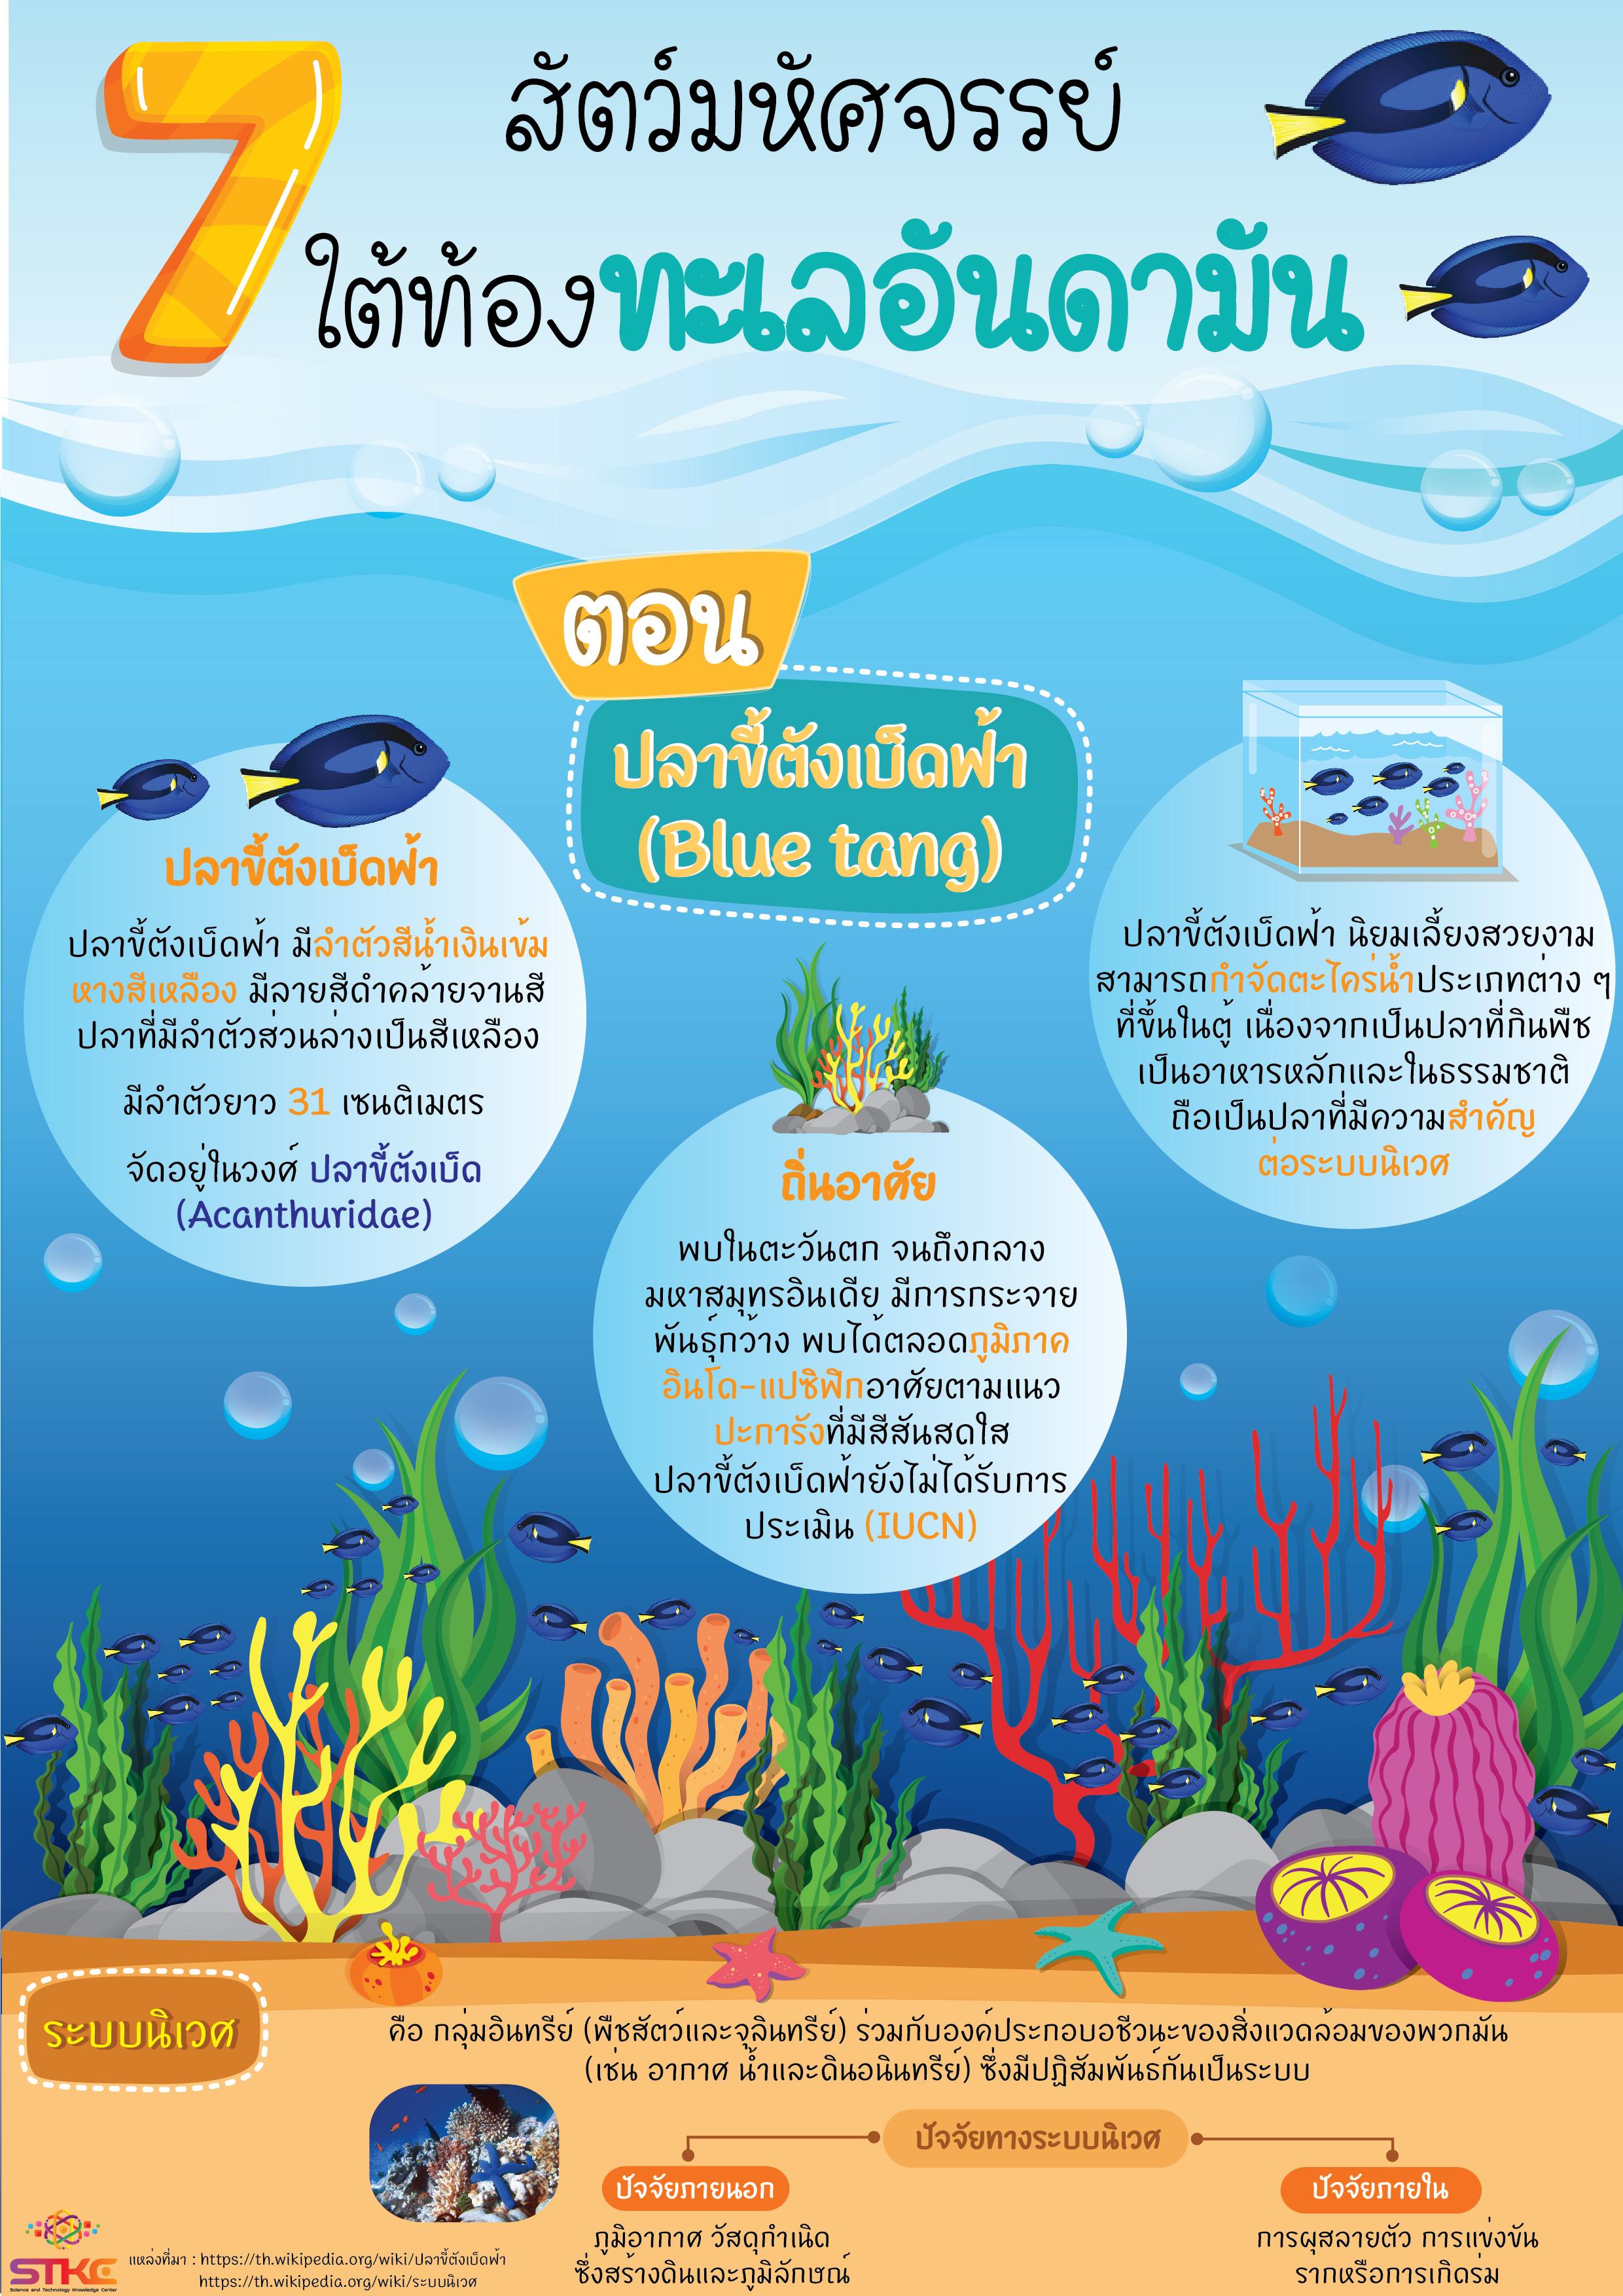 7 สัตว์มหัศจรรย์  ใต้ท้องทะเลอันดามัน ตอน ปลาขี้ตังเบ็ดฟ้า (Blue tang)